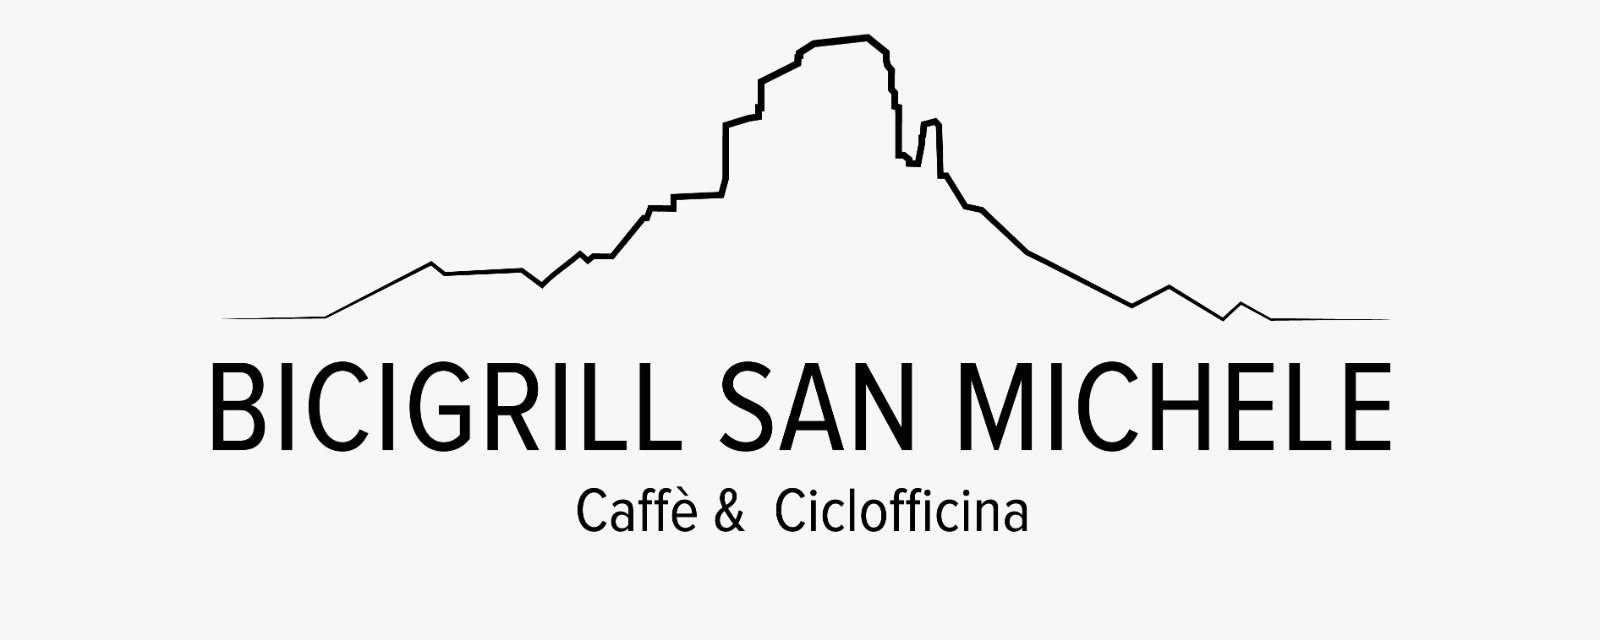 Bicigrill San Michele